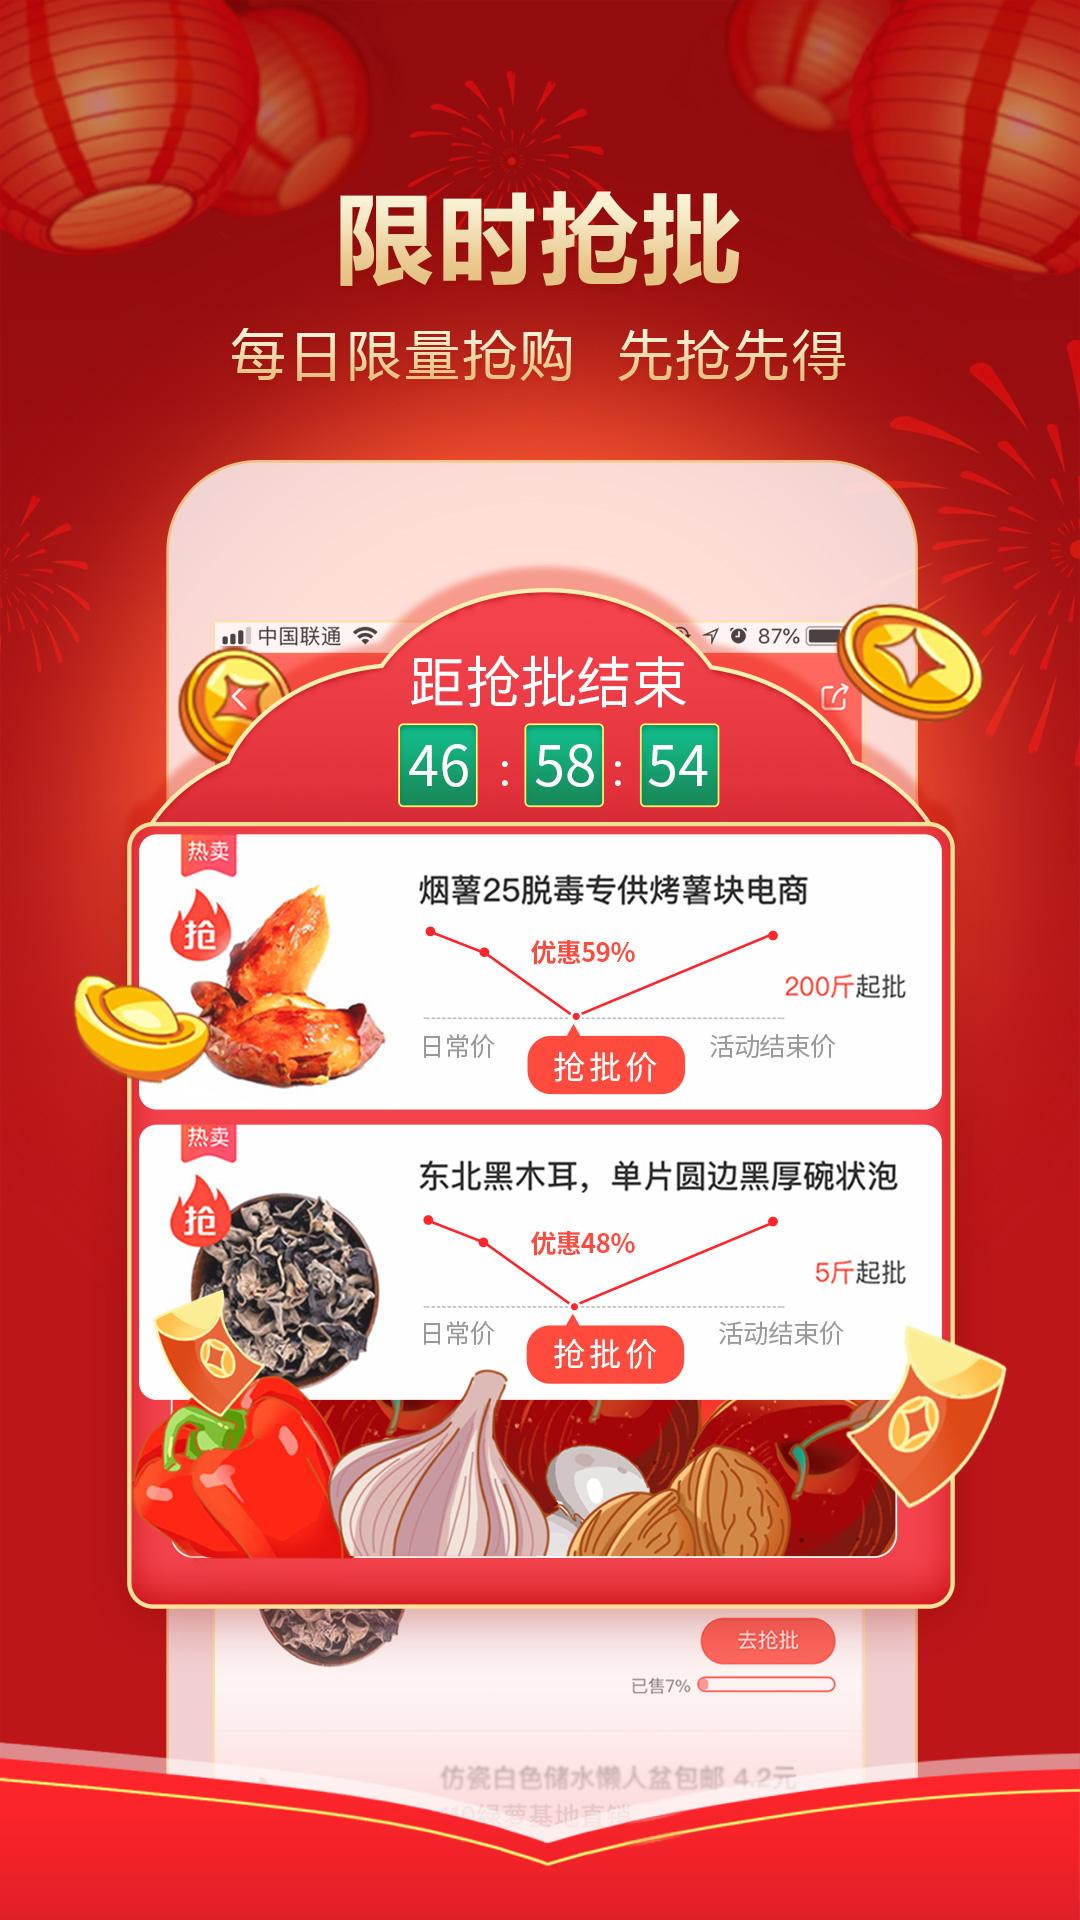 惠农网截图(2)